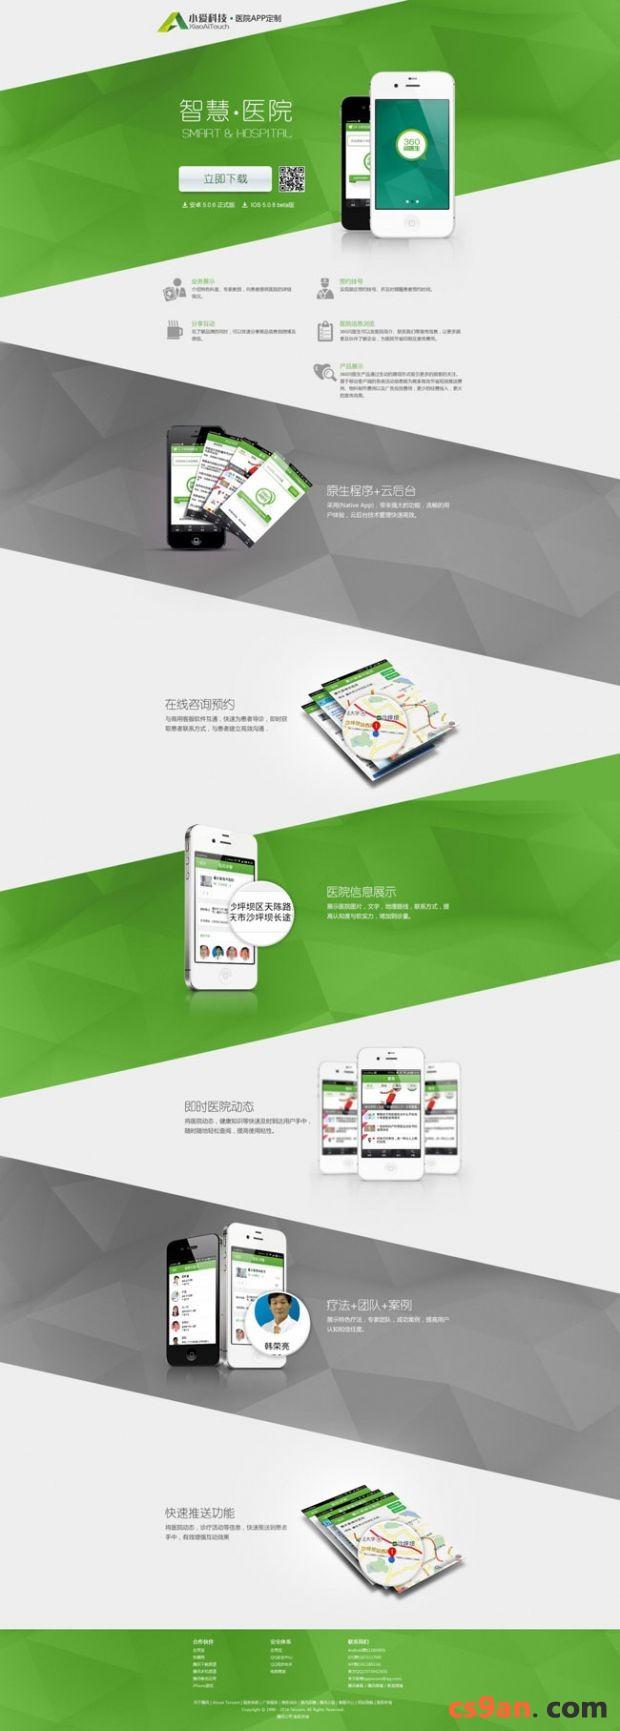 有创意的则网页设计欣赏